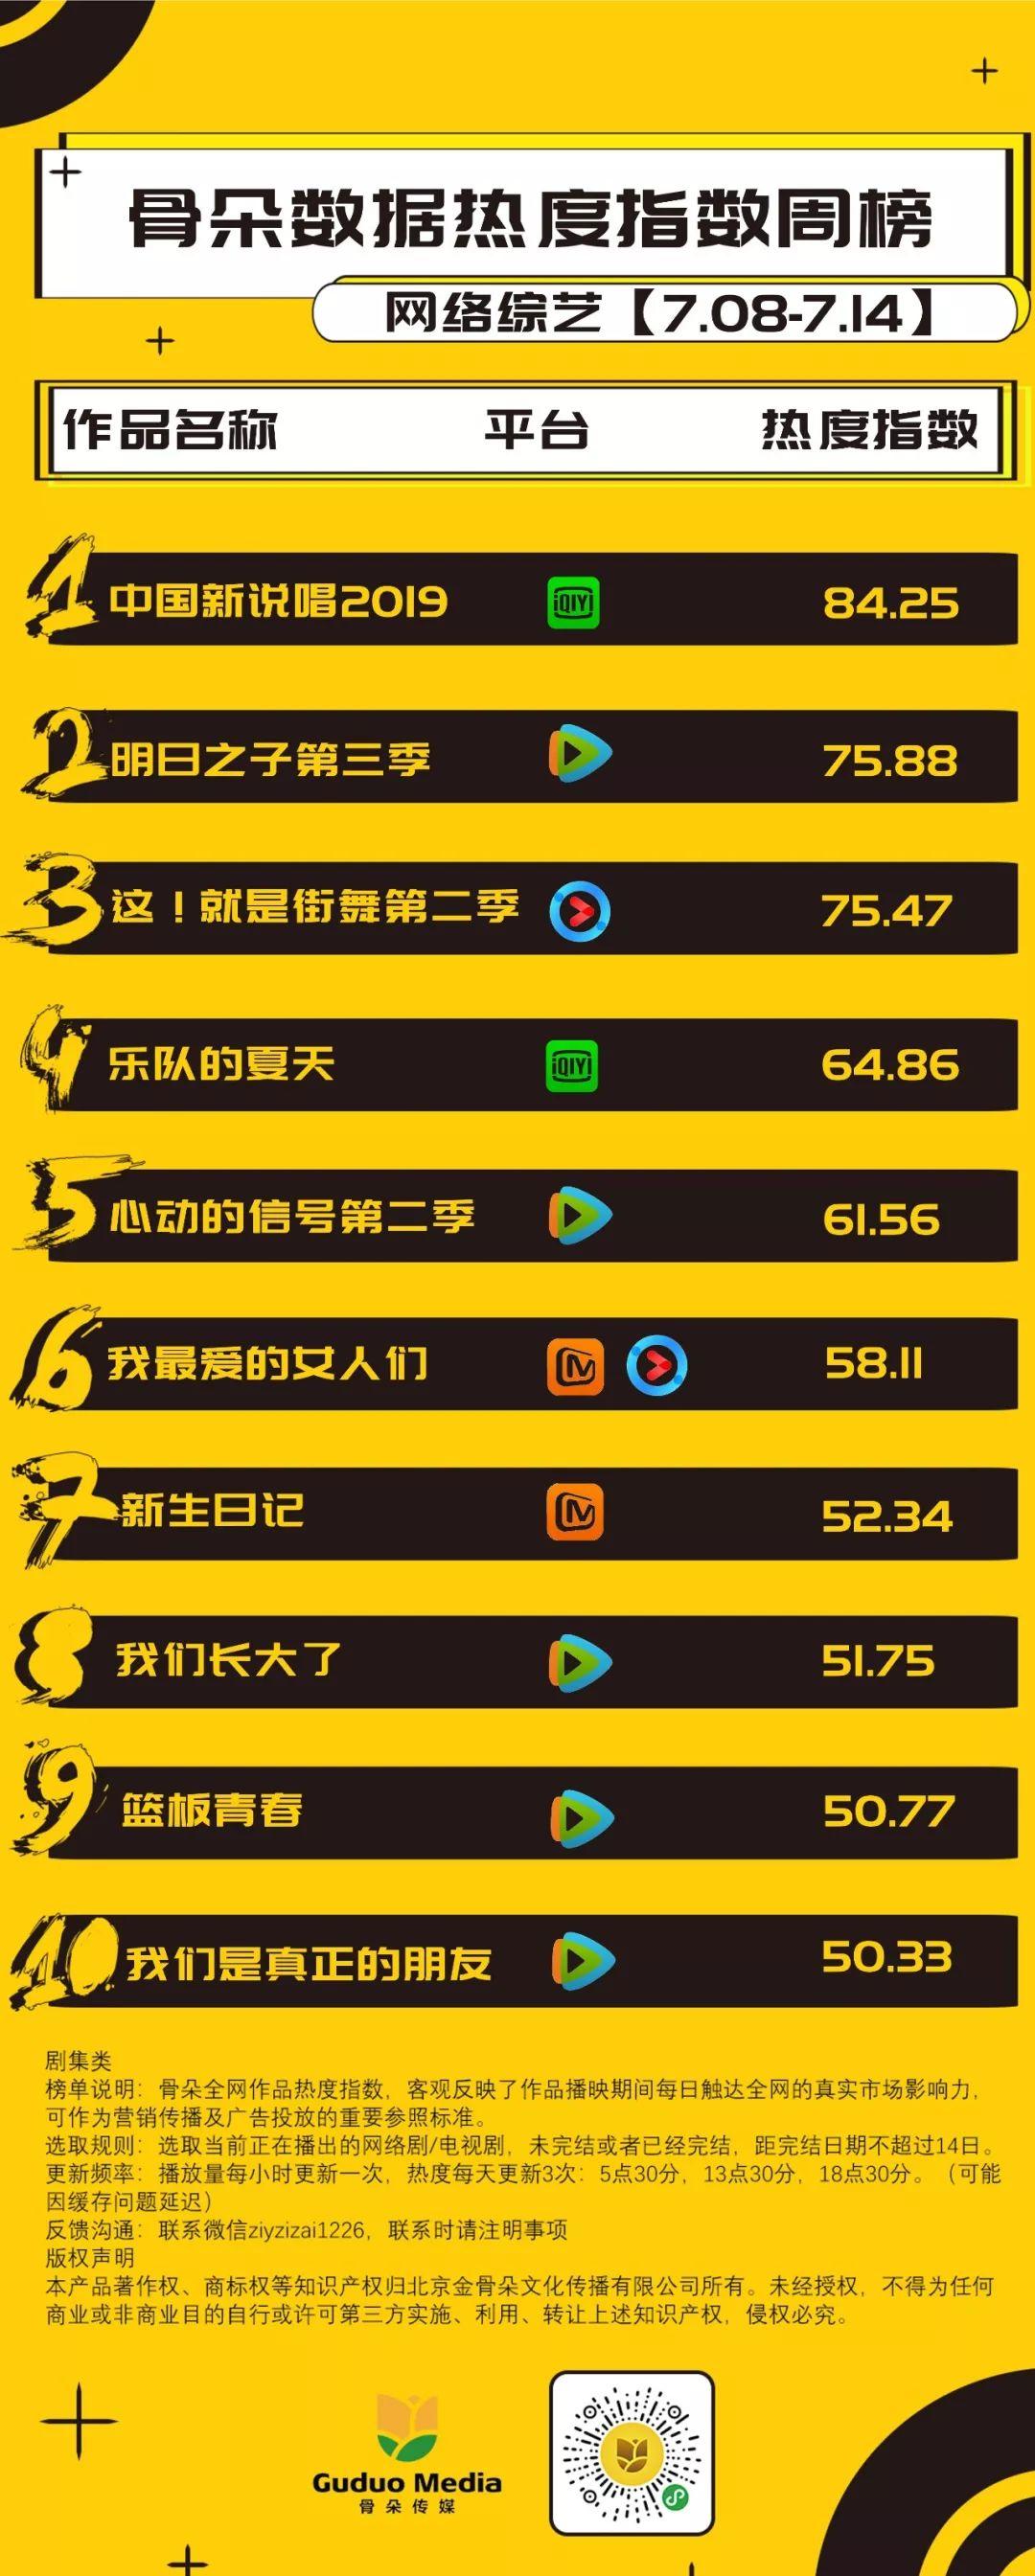 《中国新说唱2019》热度持续登顶,《明日之子3》《街舞2》紧追不舍